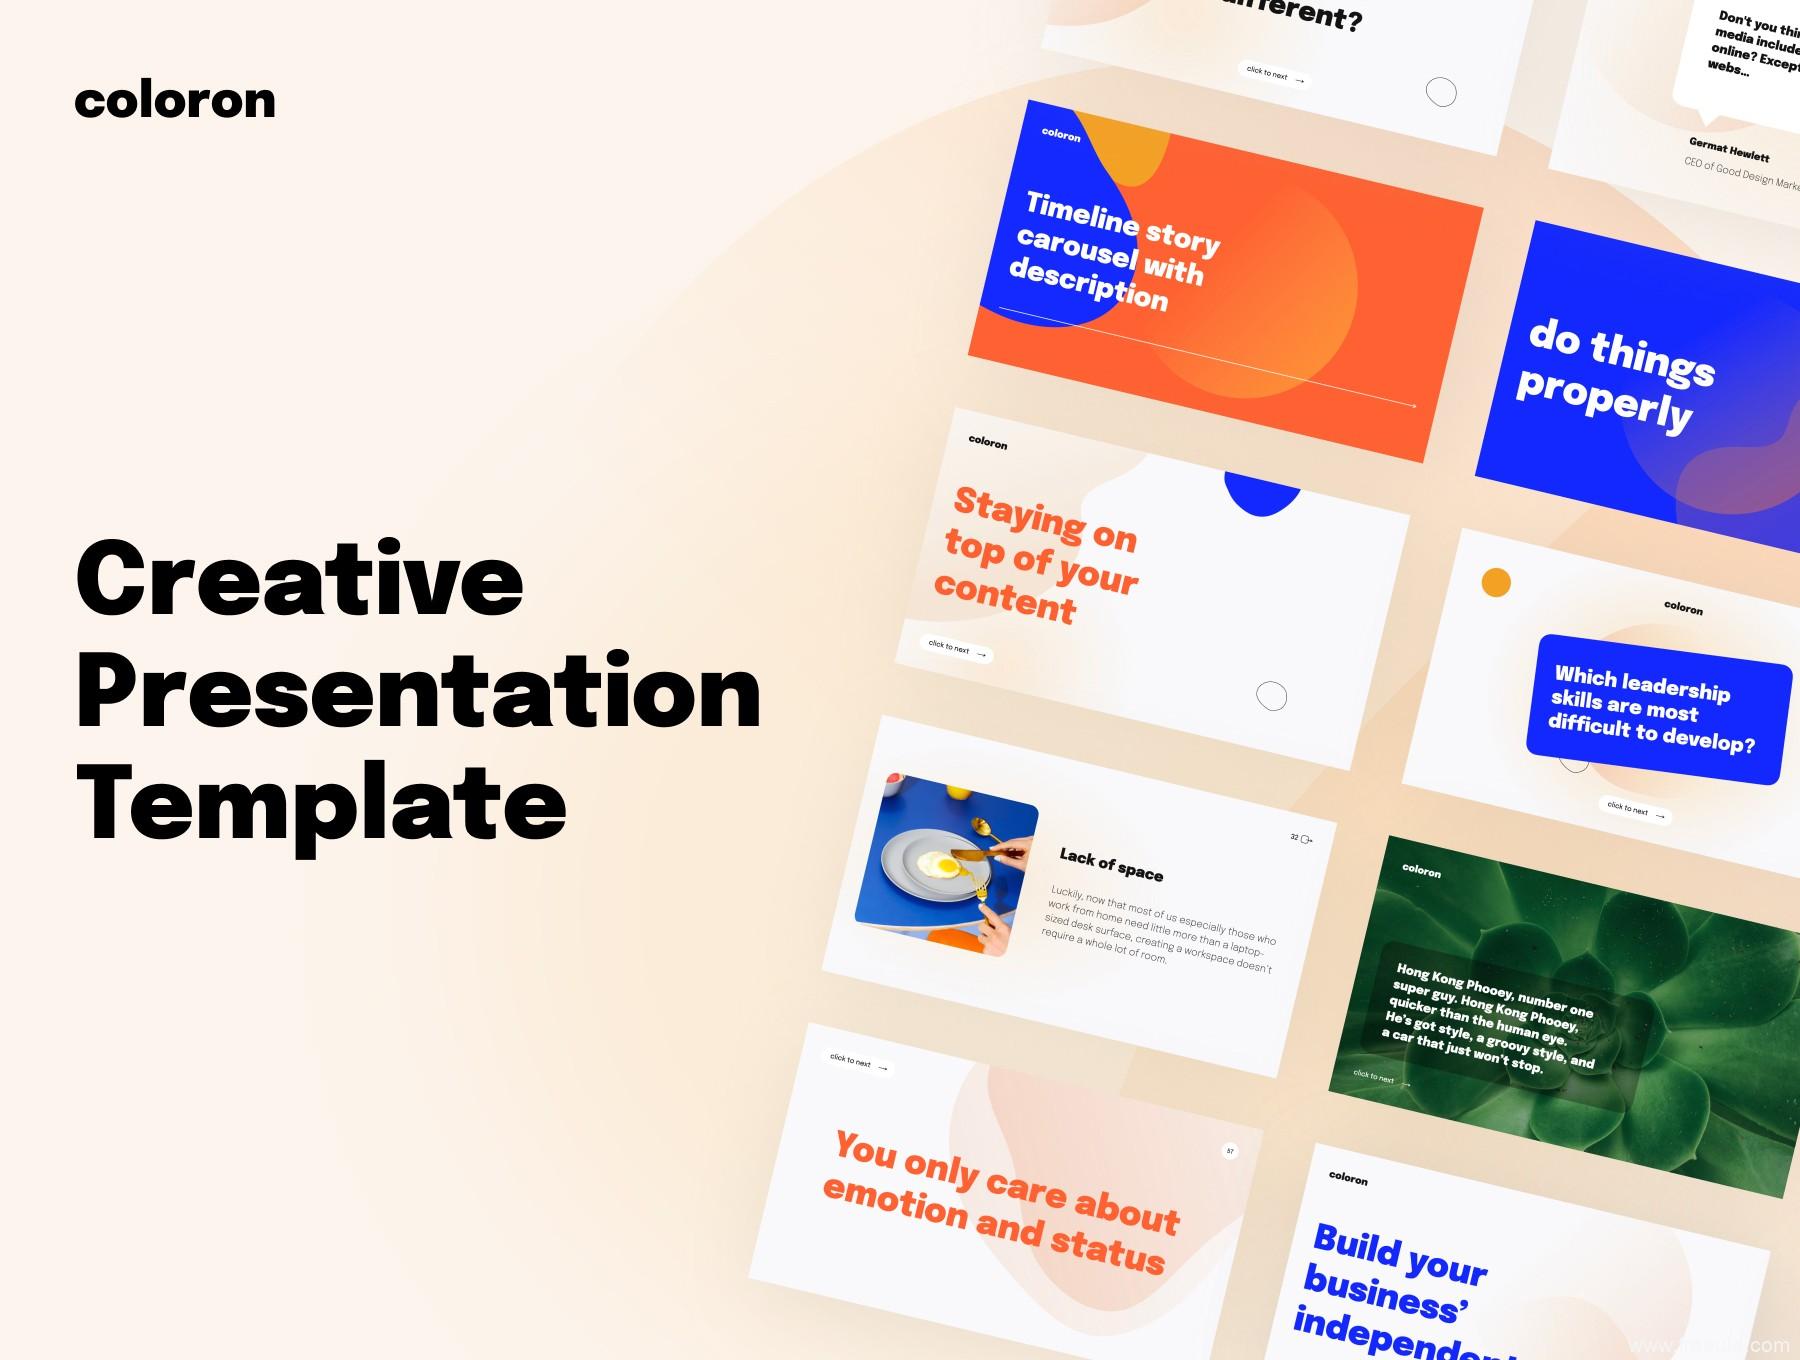 2021流行多彩渐变加几何图形UI设计师作品集keynote模板,创意报告ppt模板,设计作品集封面keynote模板